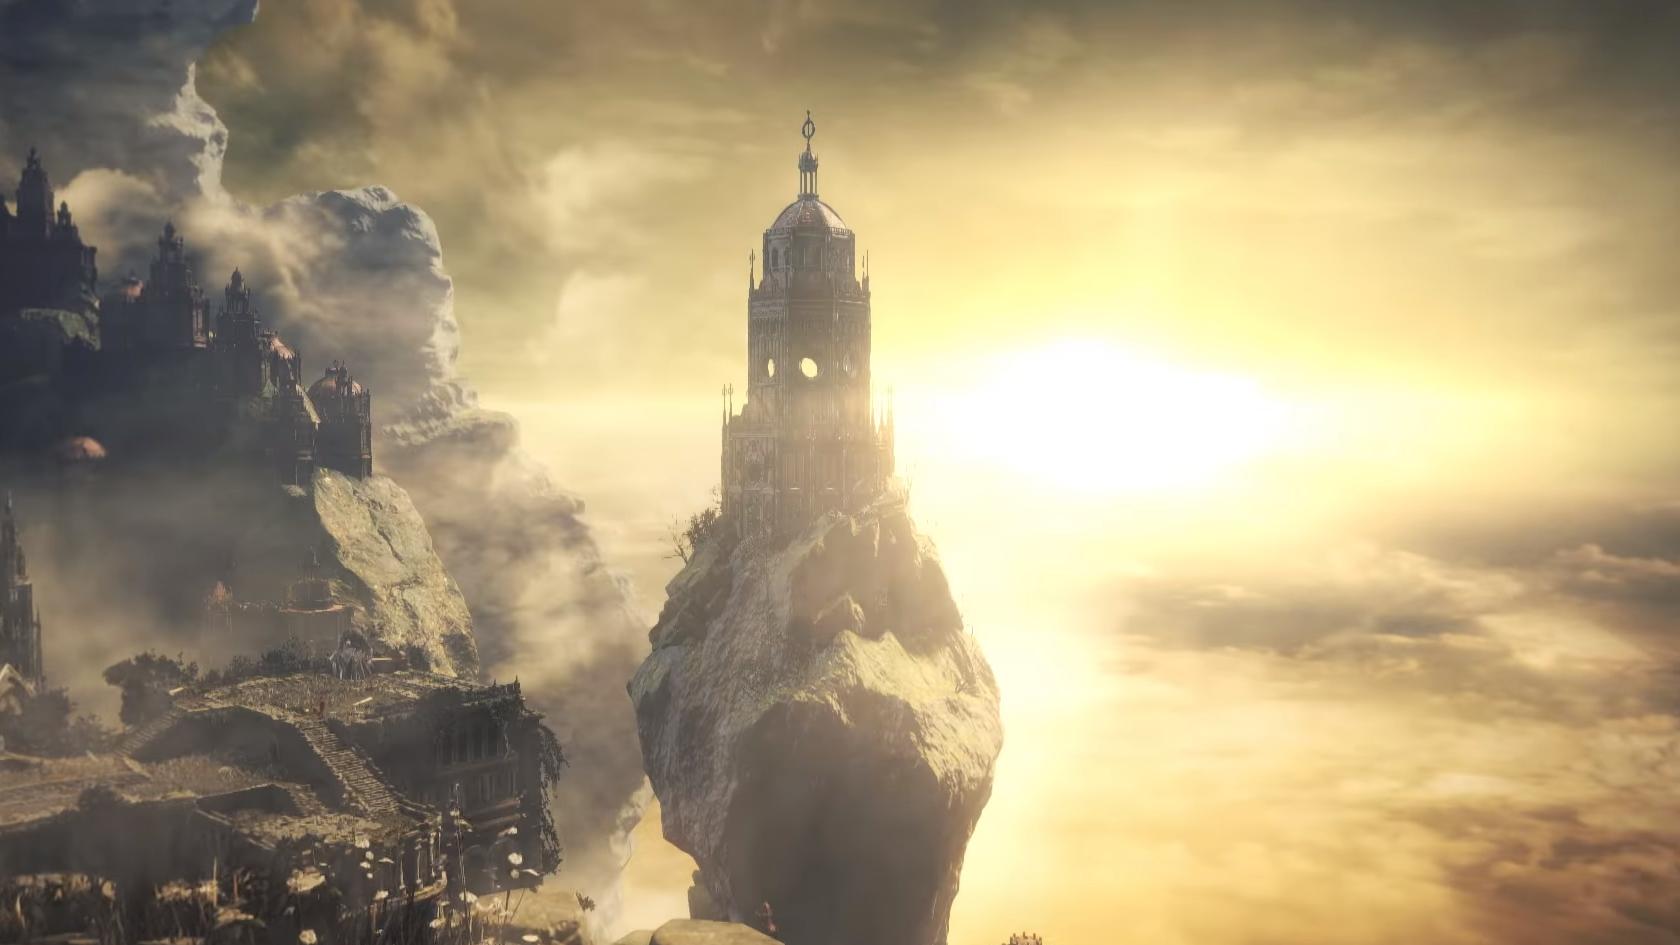 《黑暗之魂3》删减内容探秘 Alpha版碑文最终消失不见